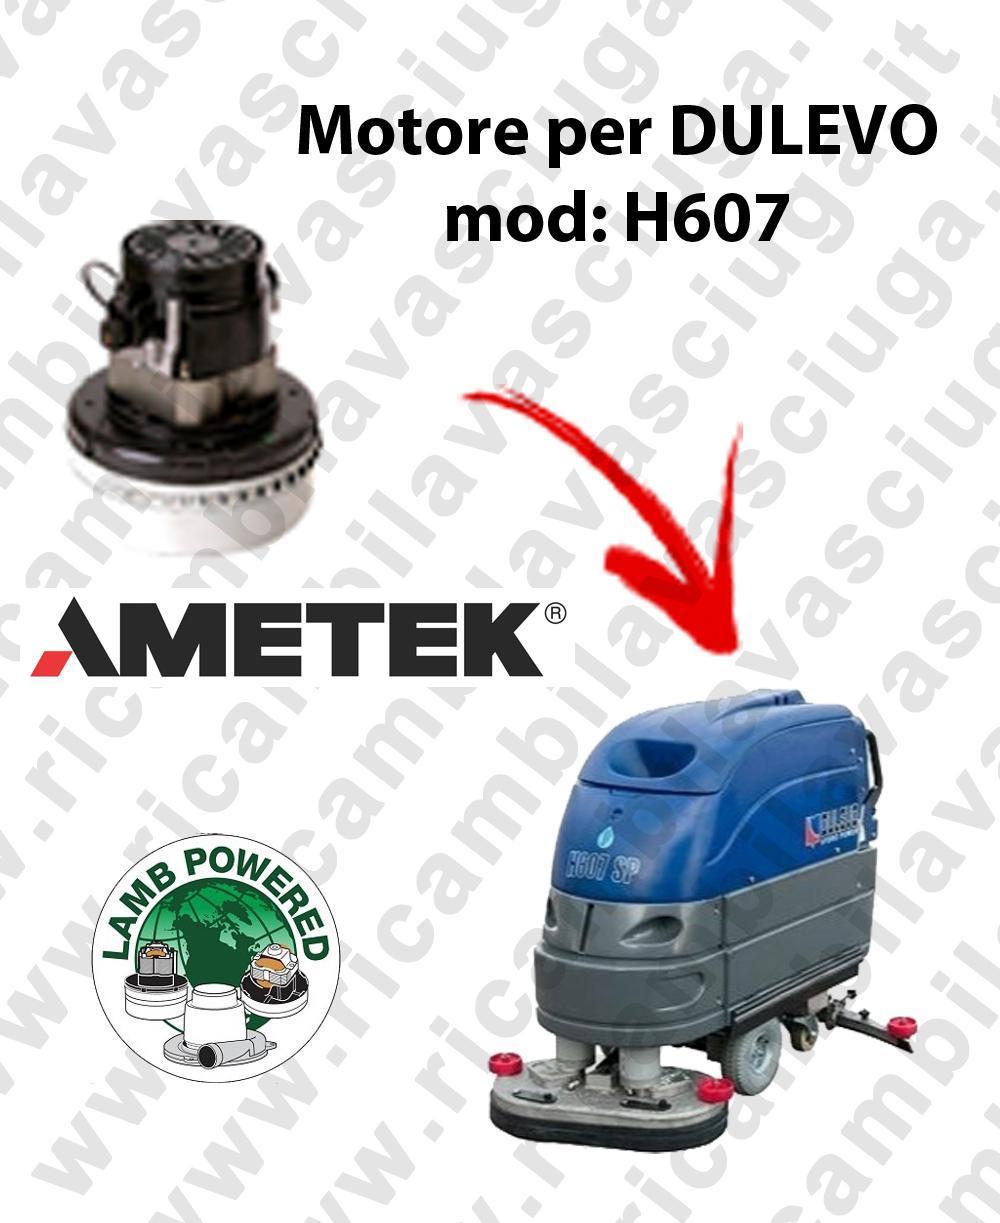 H607 MOTEUR ASPIRATION LAMB AMATEK pour autolaveuses DULEVO